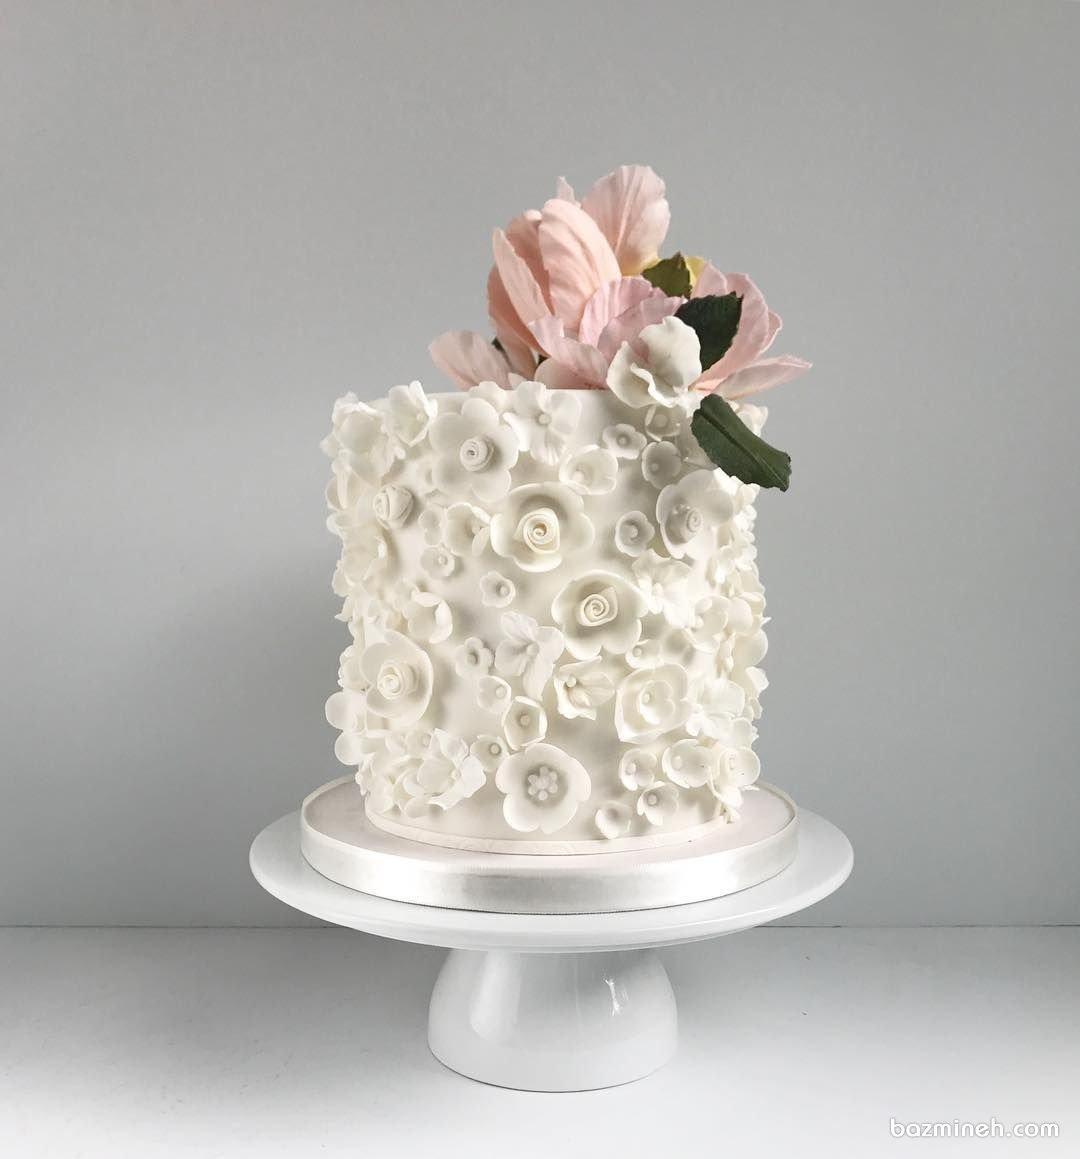 کیک ساده و شیک با تزیین گلهای برجسته زیبا برای جشن تولد بزرگسال و سالگرد ازدواج